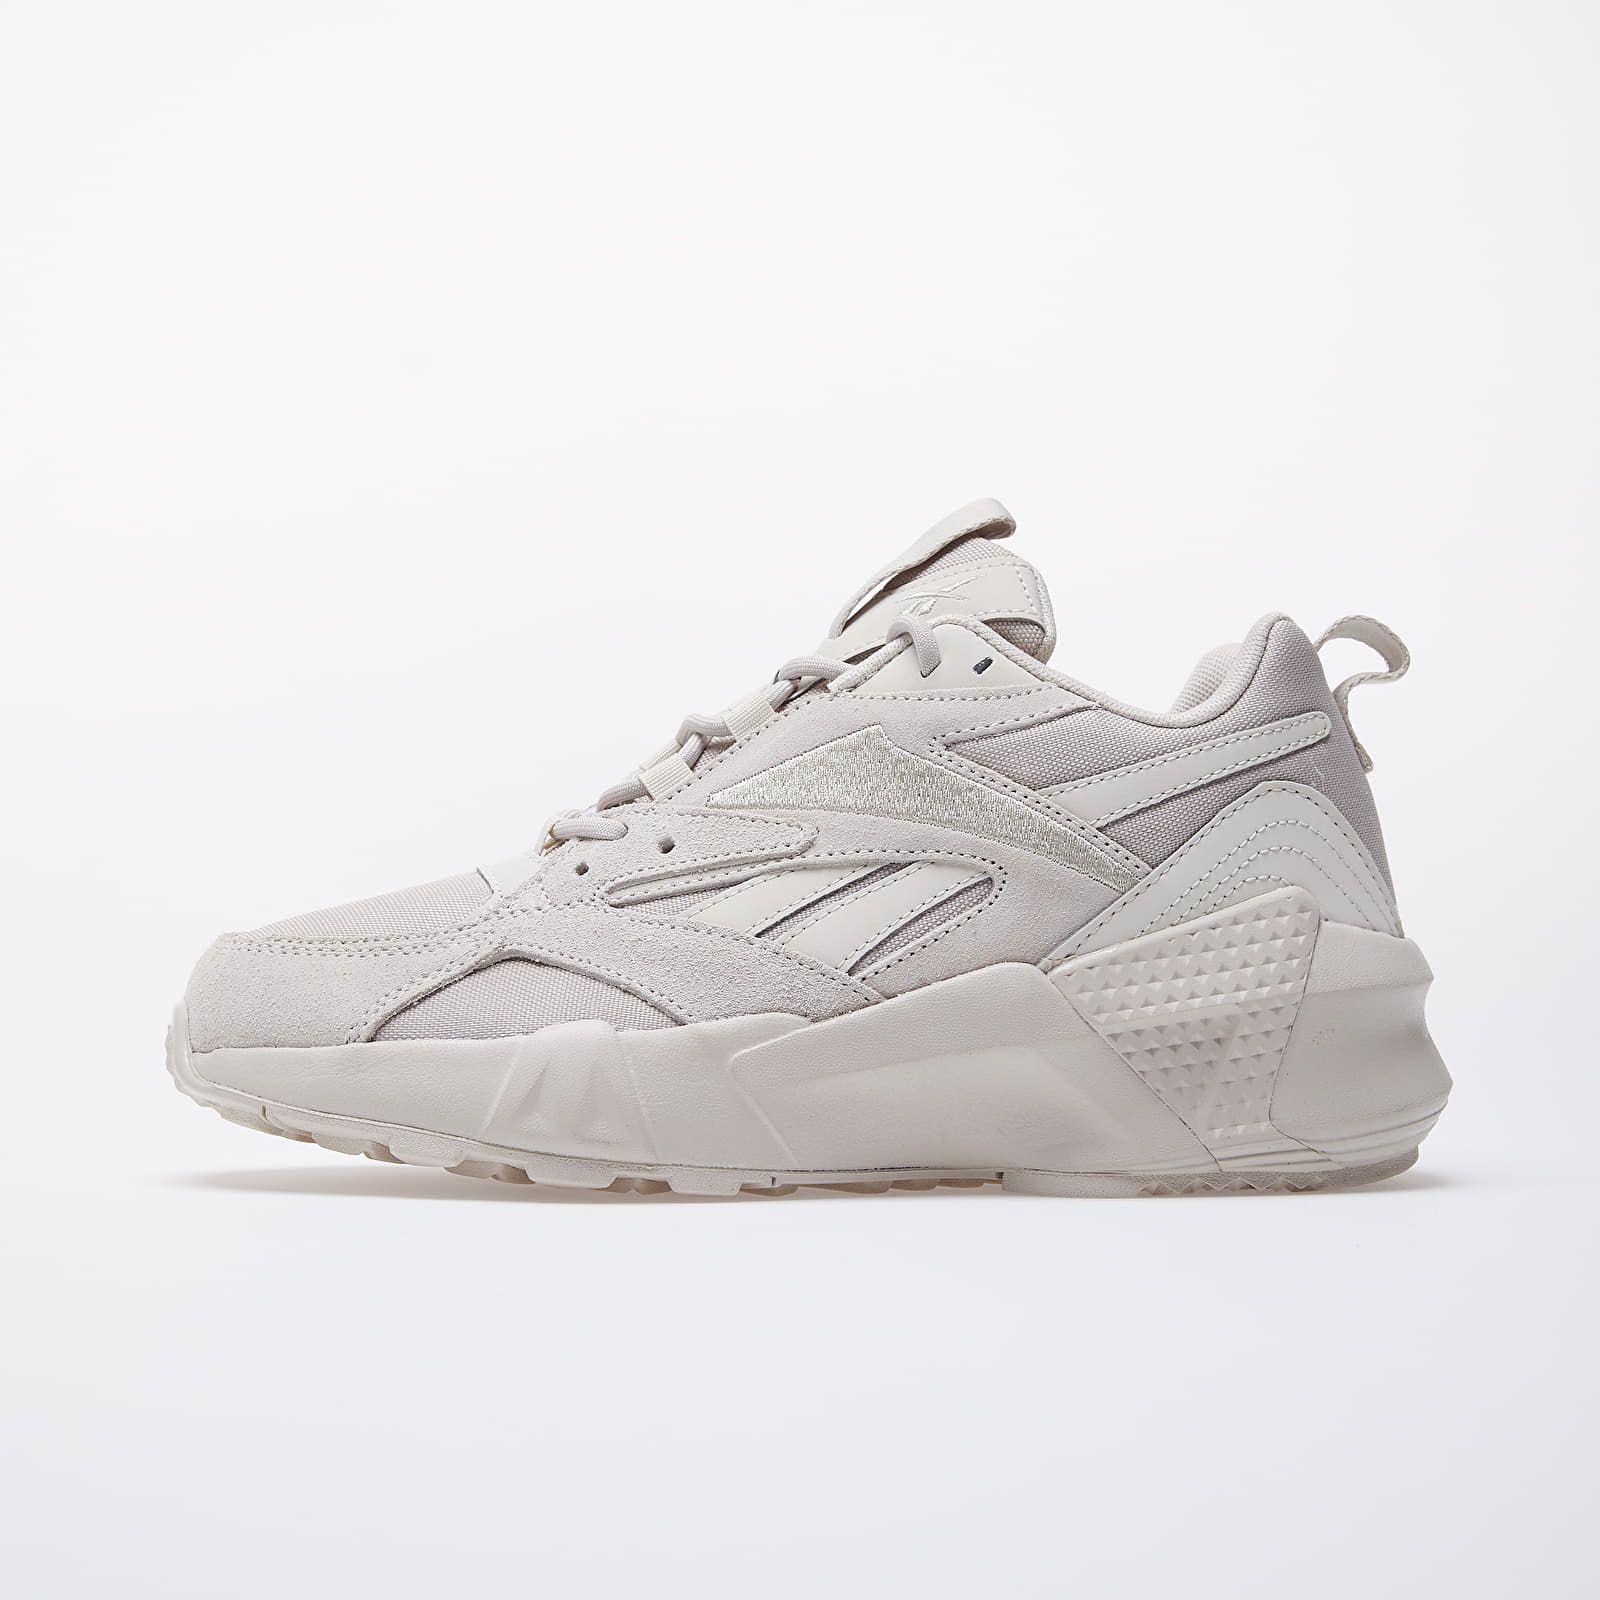 Podarí sa značke Reebok konečne dostať z tieňu adidas a Nike? Aktuálnymi novinkami mieri poriadne vysoko